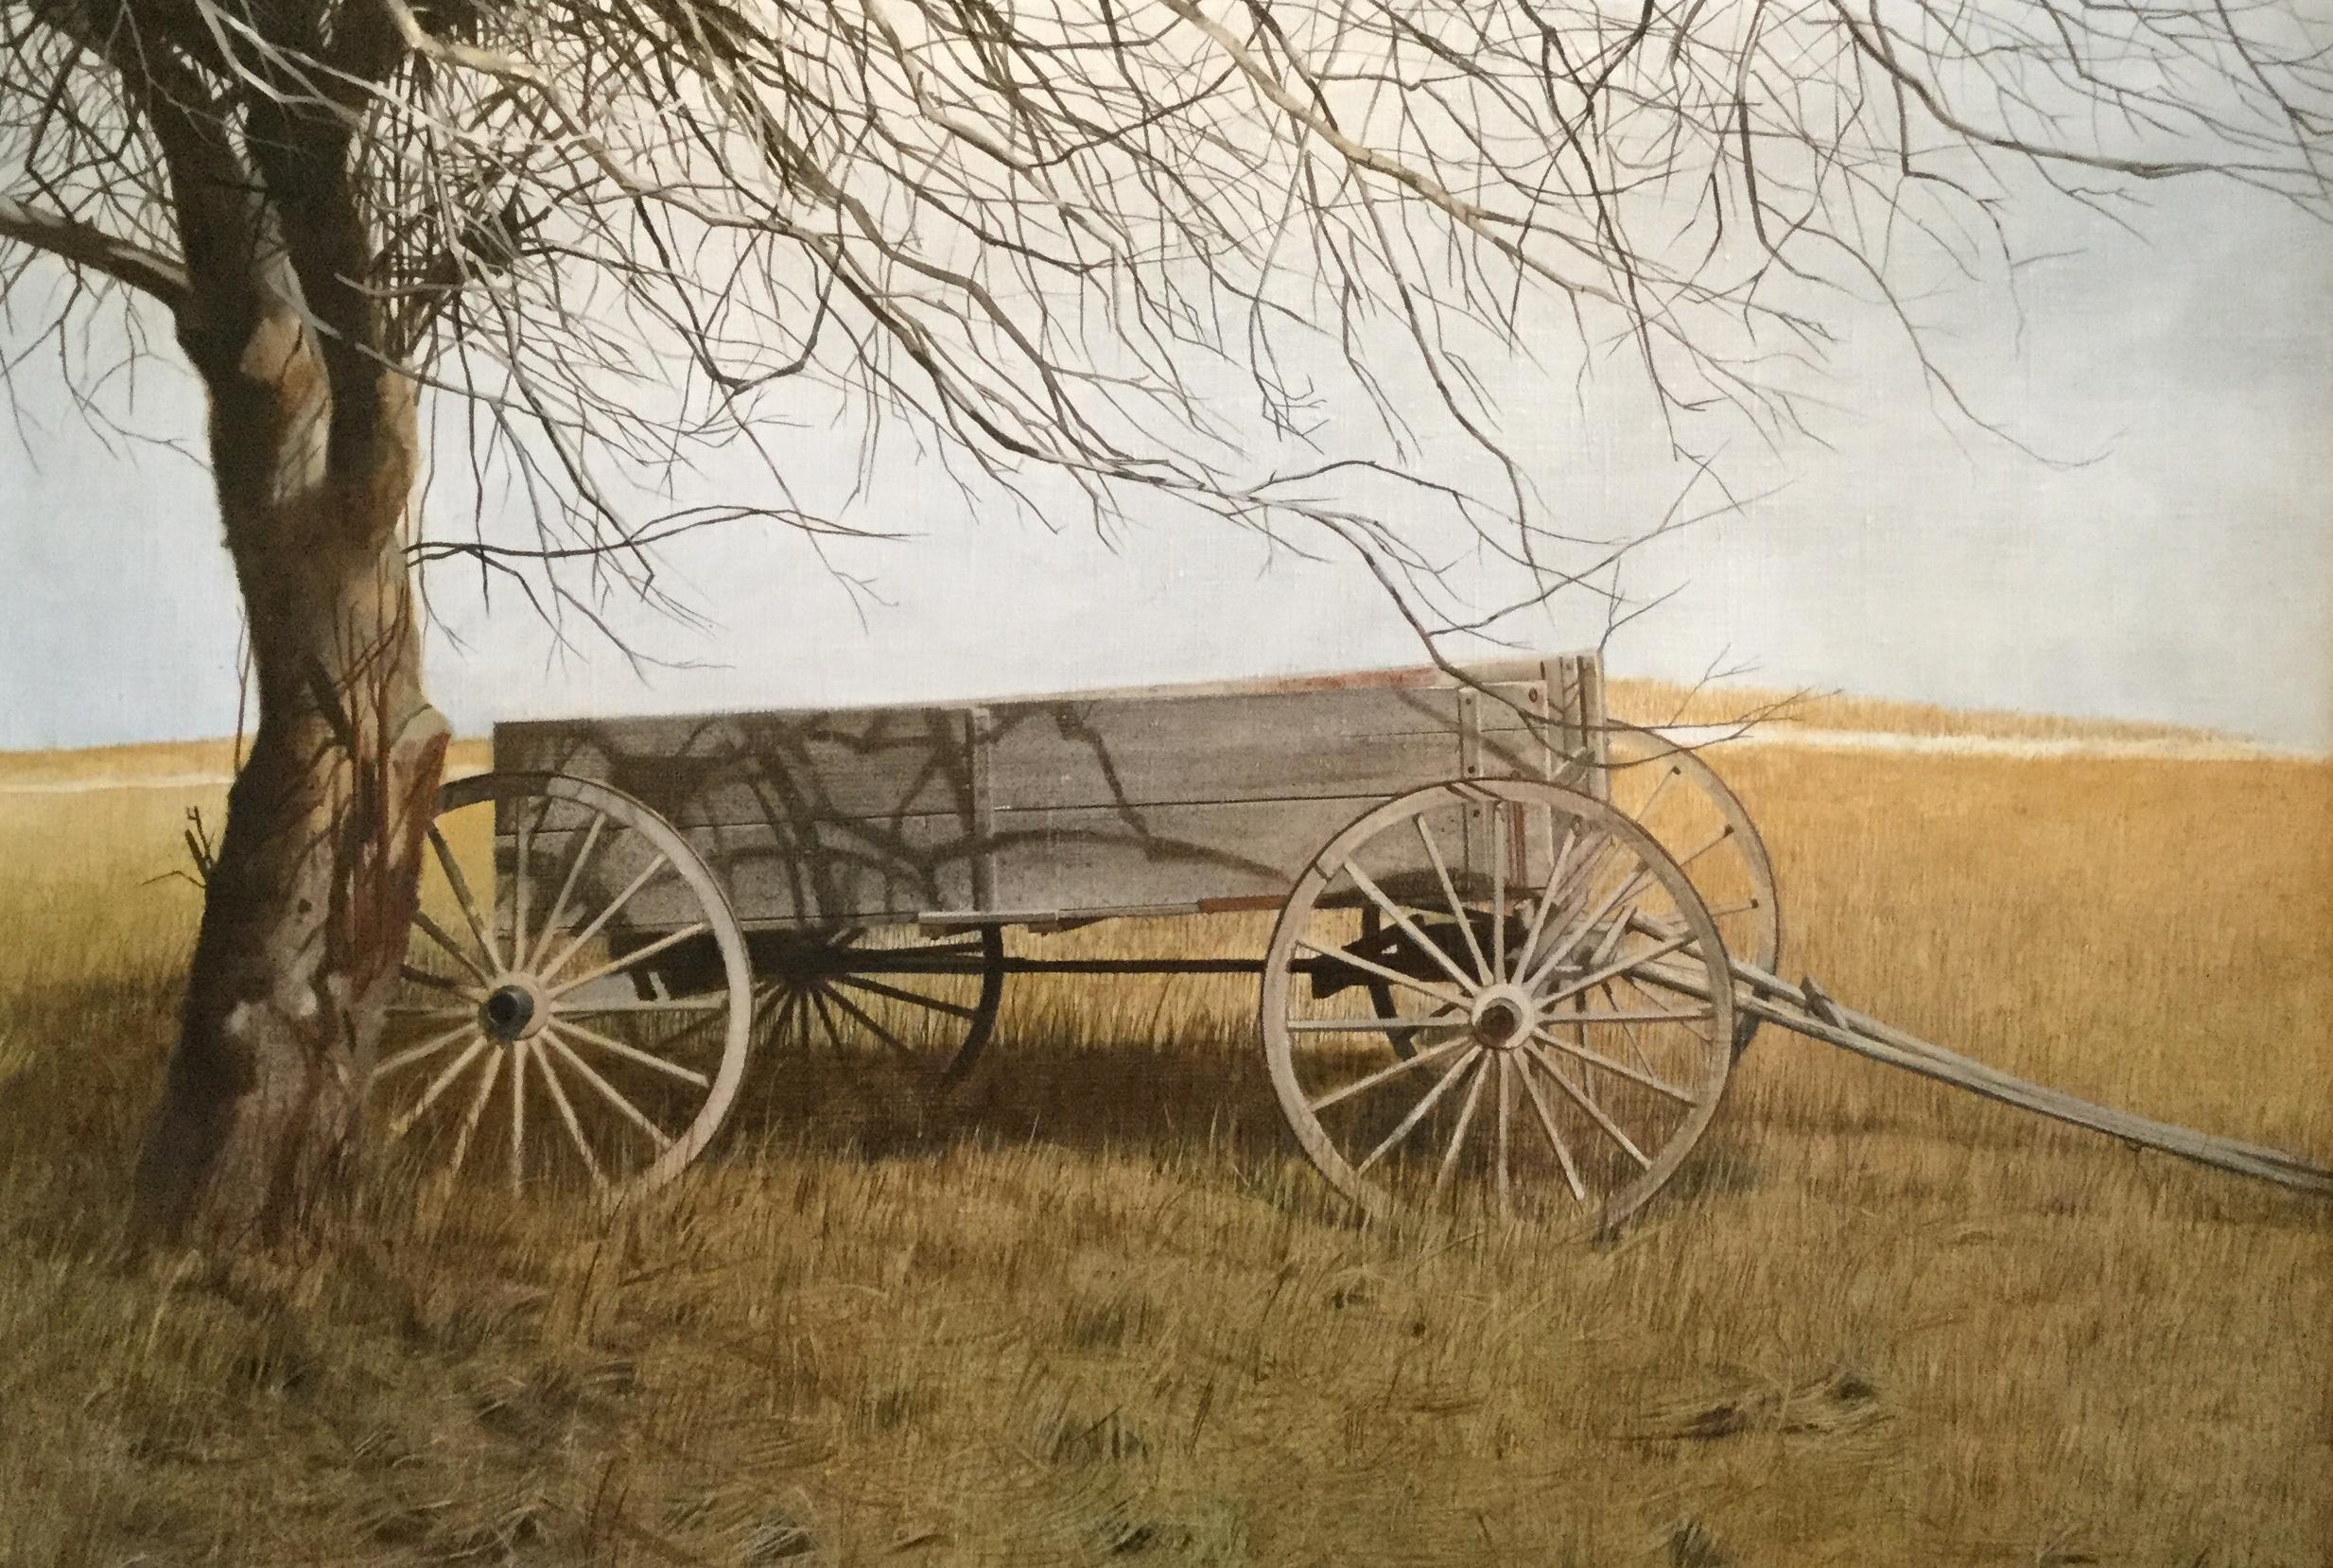 Farm Wagon in a Field